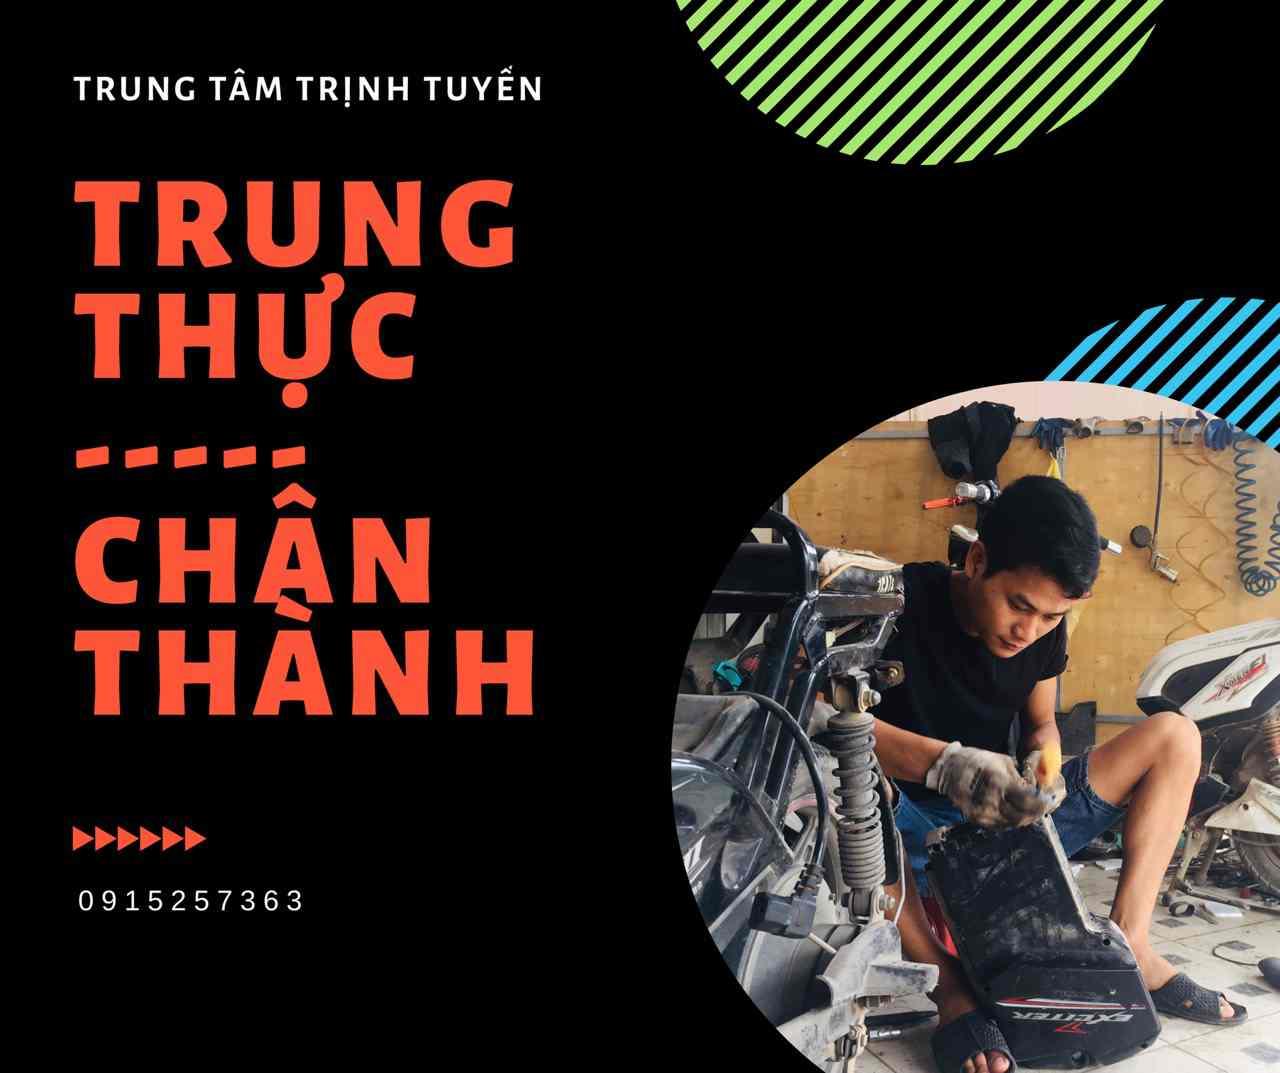 Tìm sửa xe đạp điện tại Nam Từ Liêm ở đâu ?